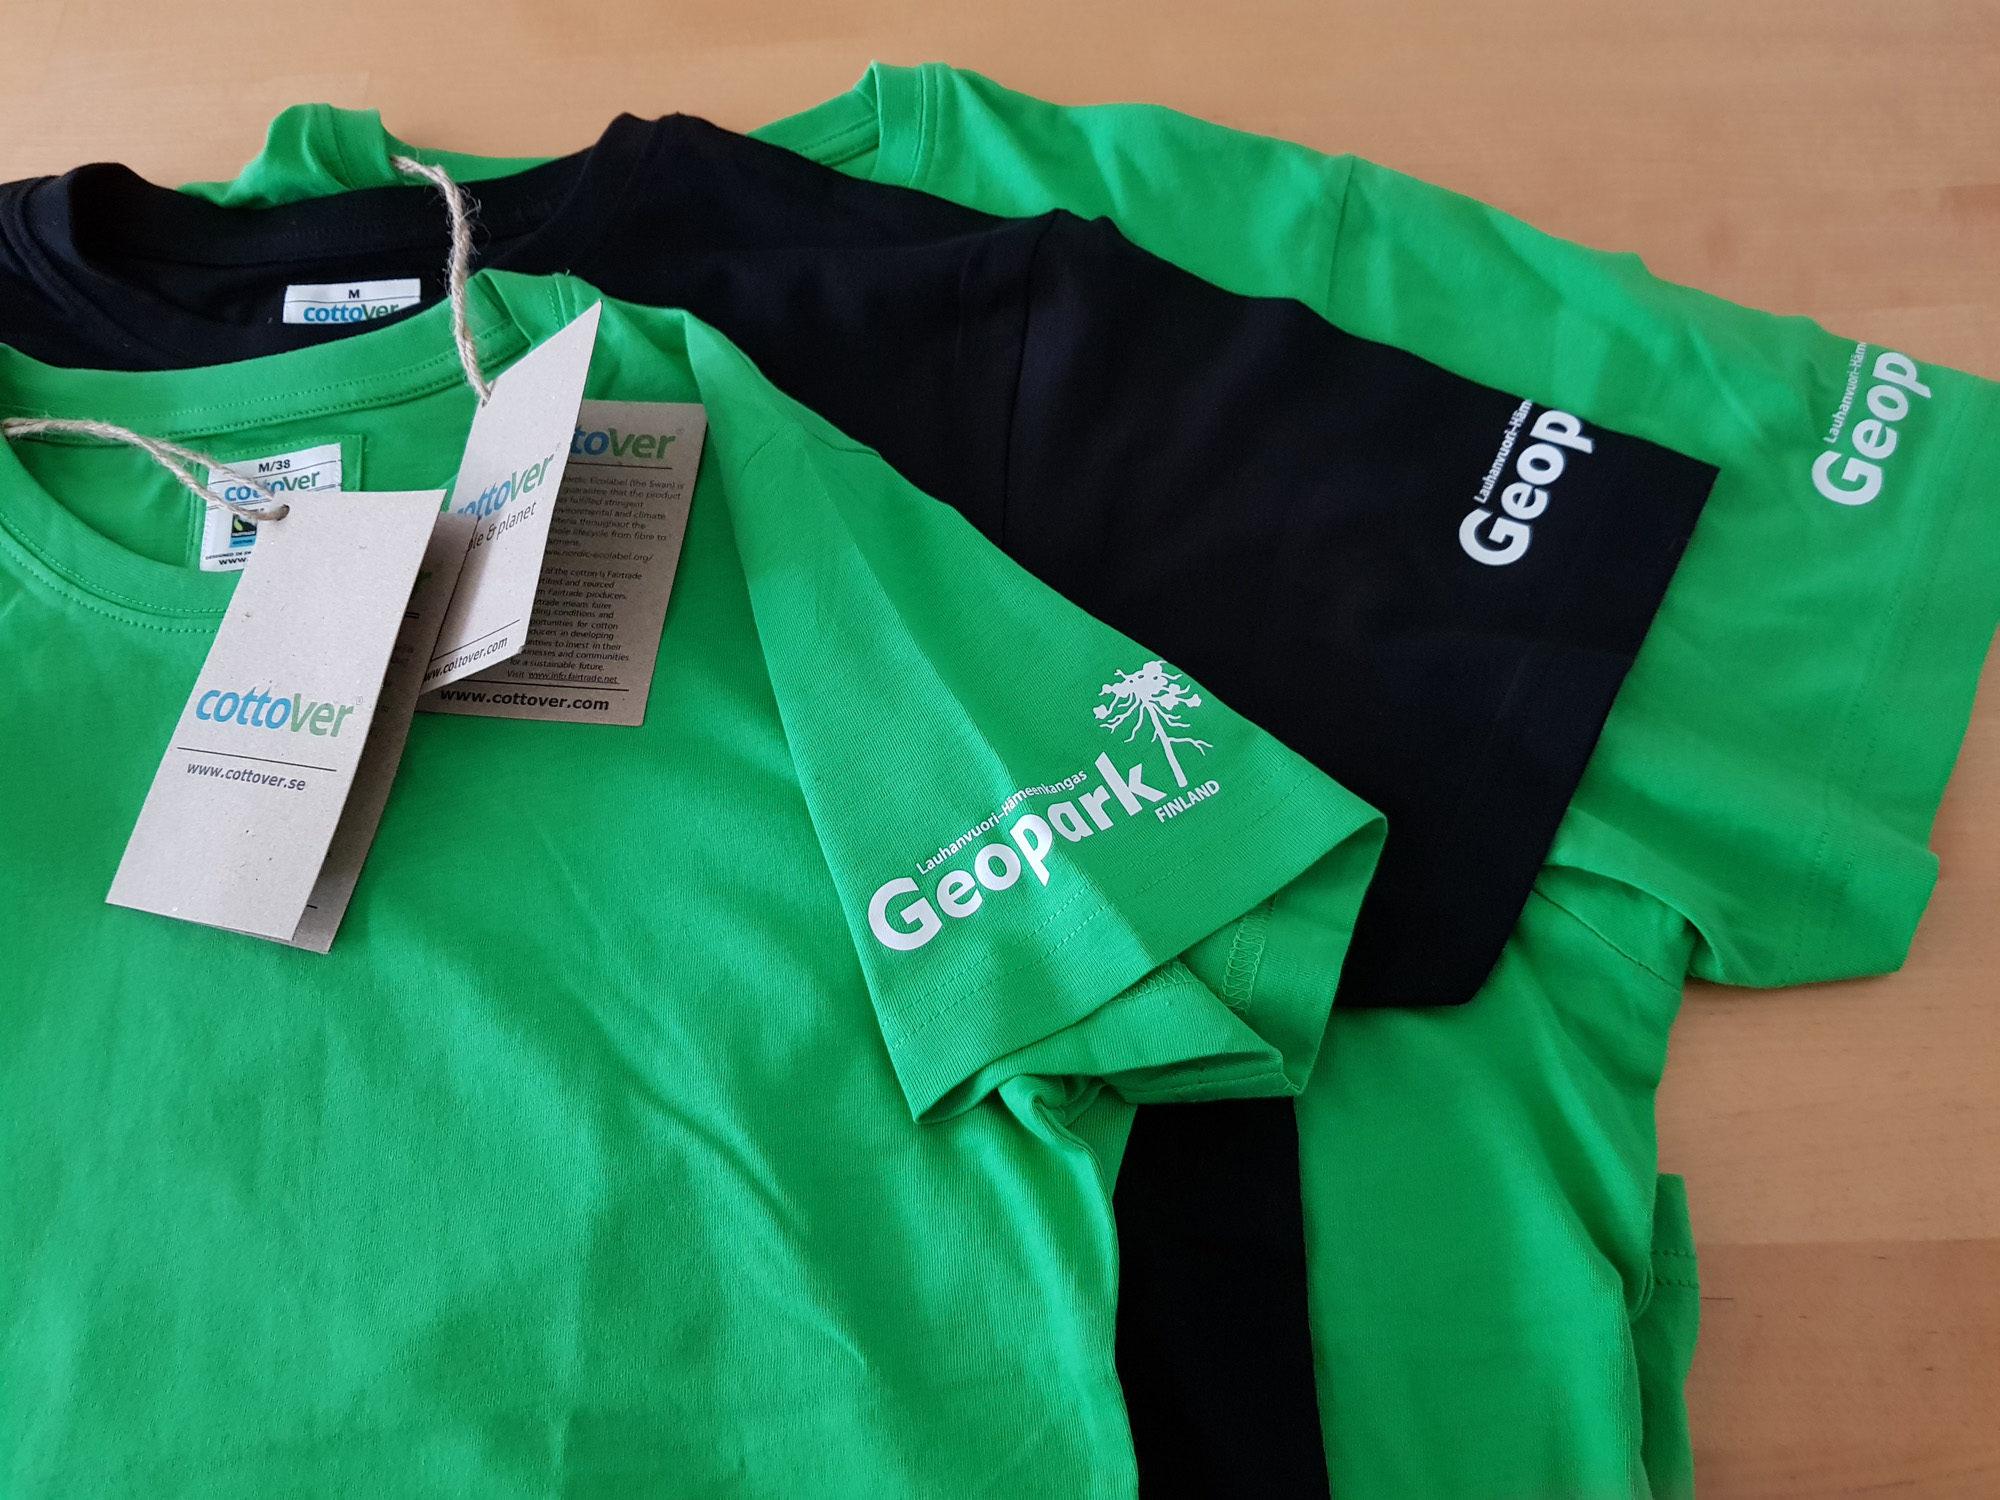 Geopark-T-paita - Ekopuuvillainen T-paita Geopark-logolla.